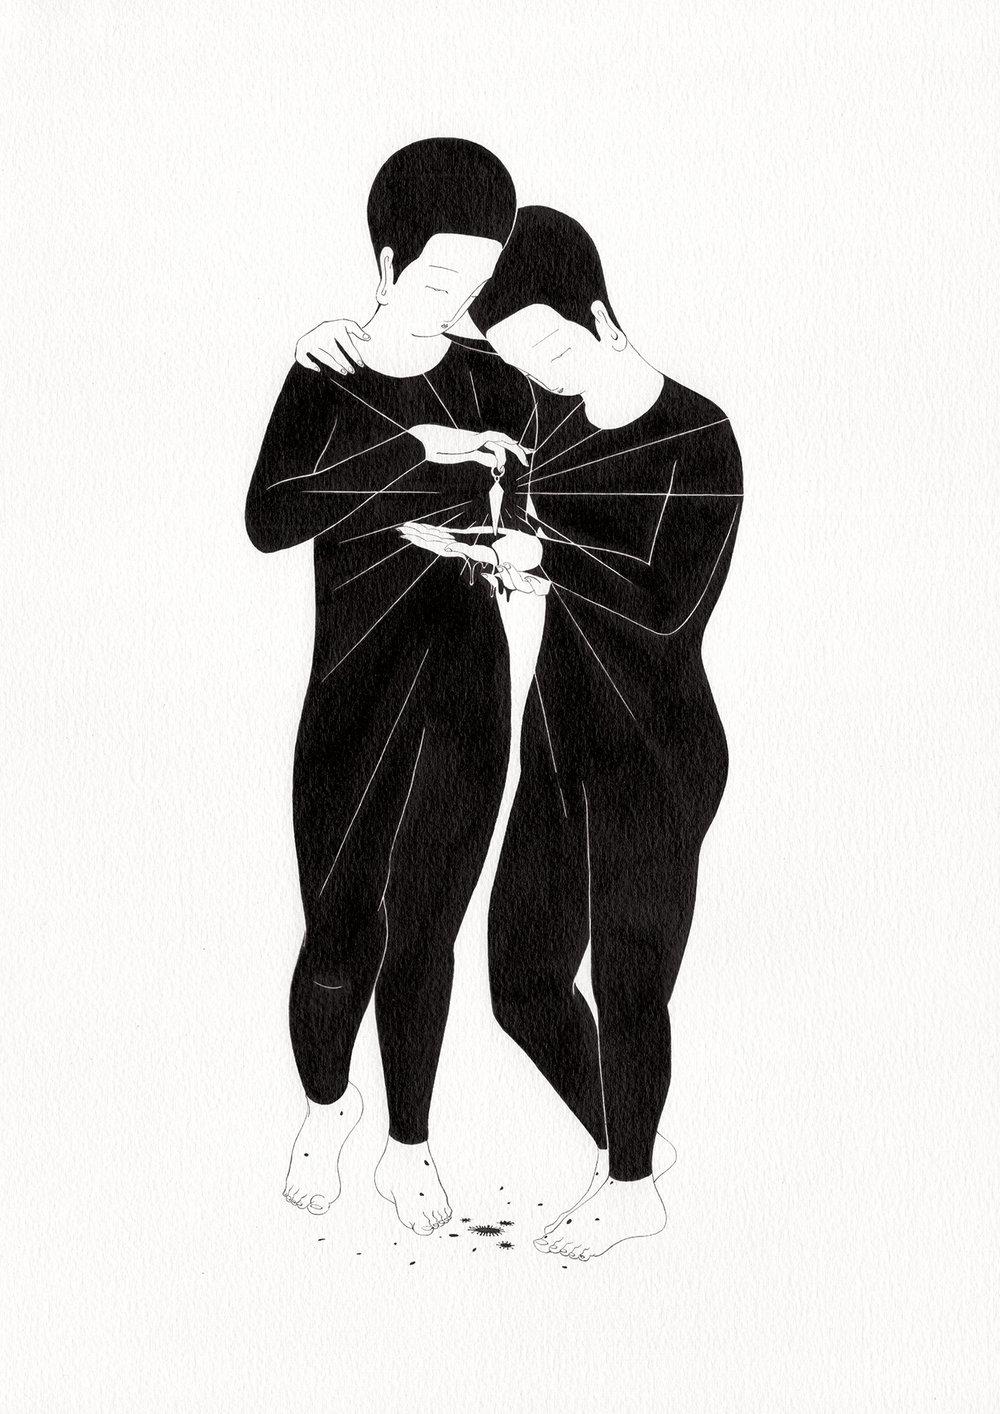 정중한 고통 / Gentle harm Op.0192P -29.7 x 42 cm,종이에 잉크 / Ink on paper, 2017 inspired by the sculpture, 'L'Amour et Psyché' by Antonio Canova